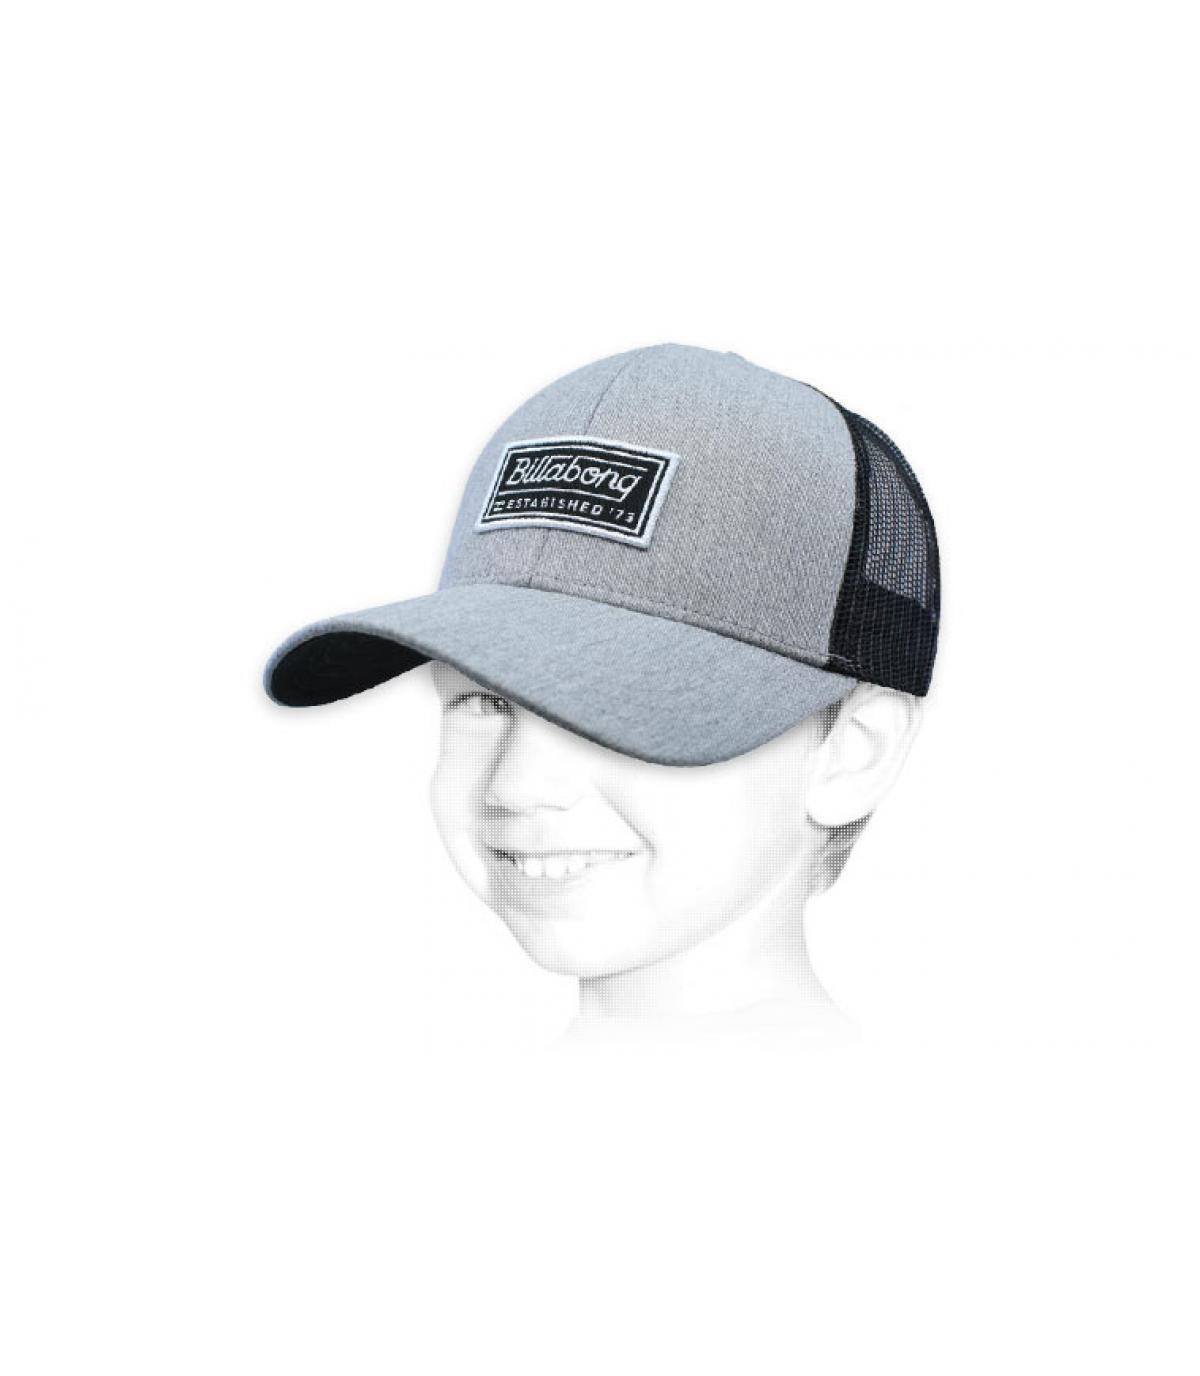 gorra niño Billabong gris